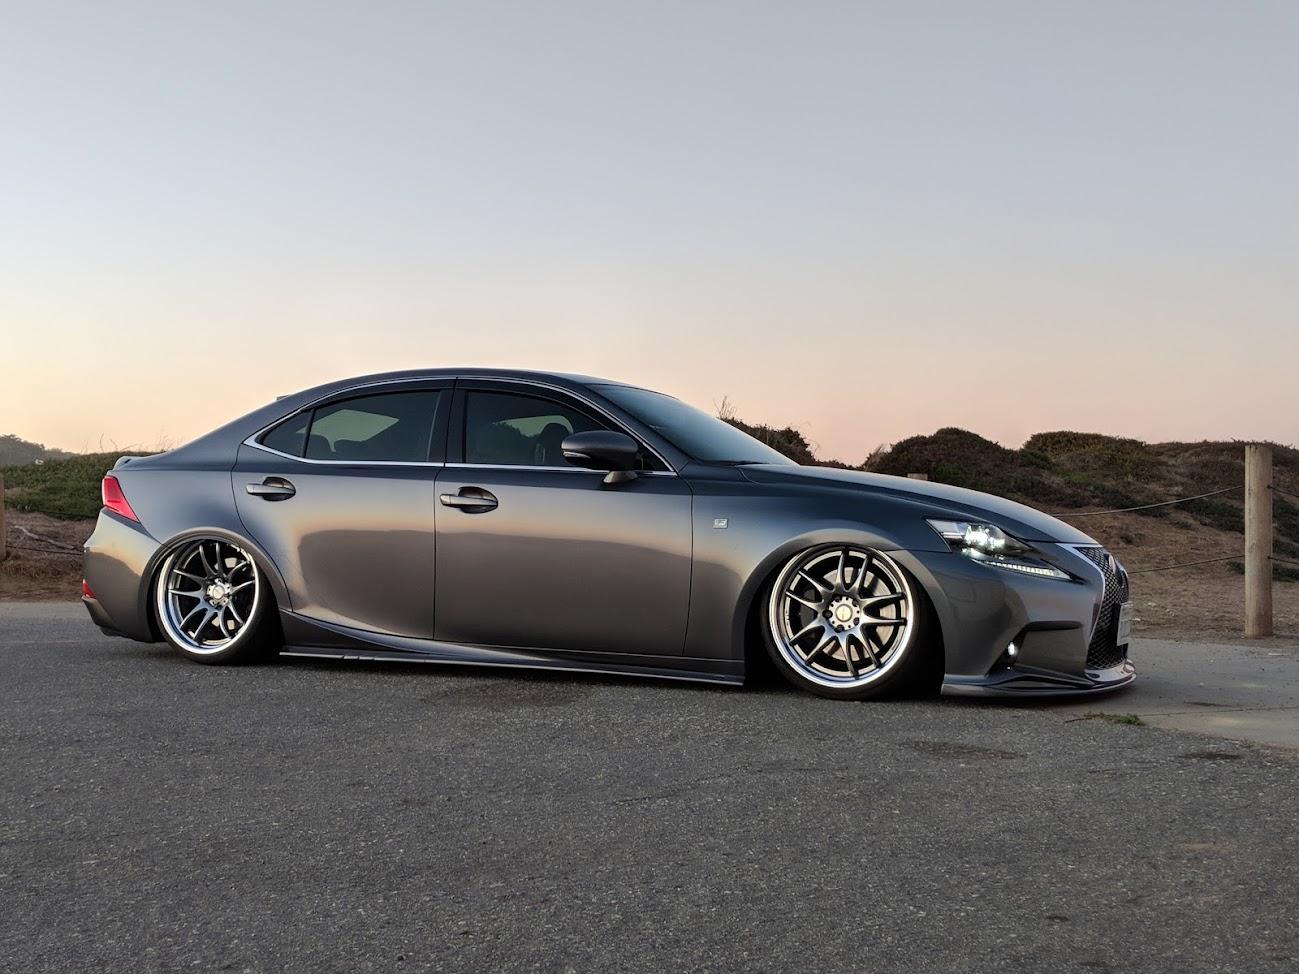 Build A Lexus >> Specone Build Thread Clublexus Lexus Forum Discussion